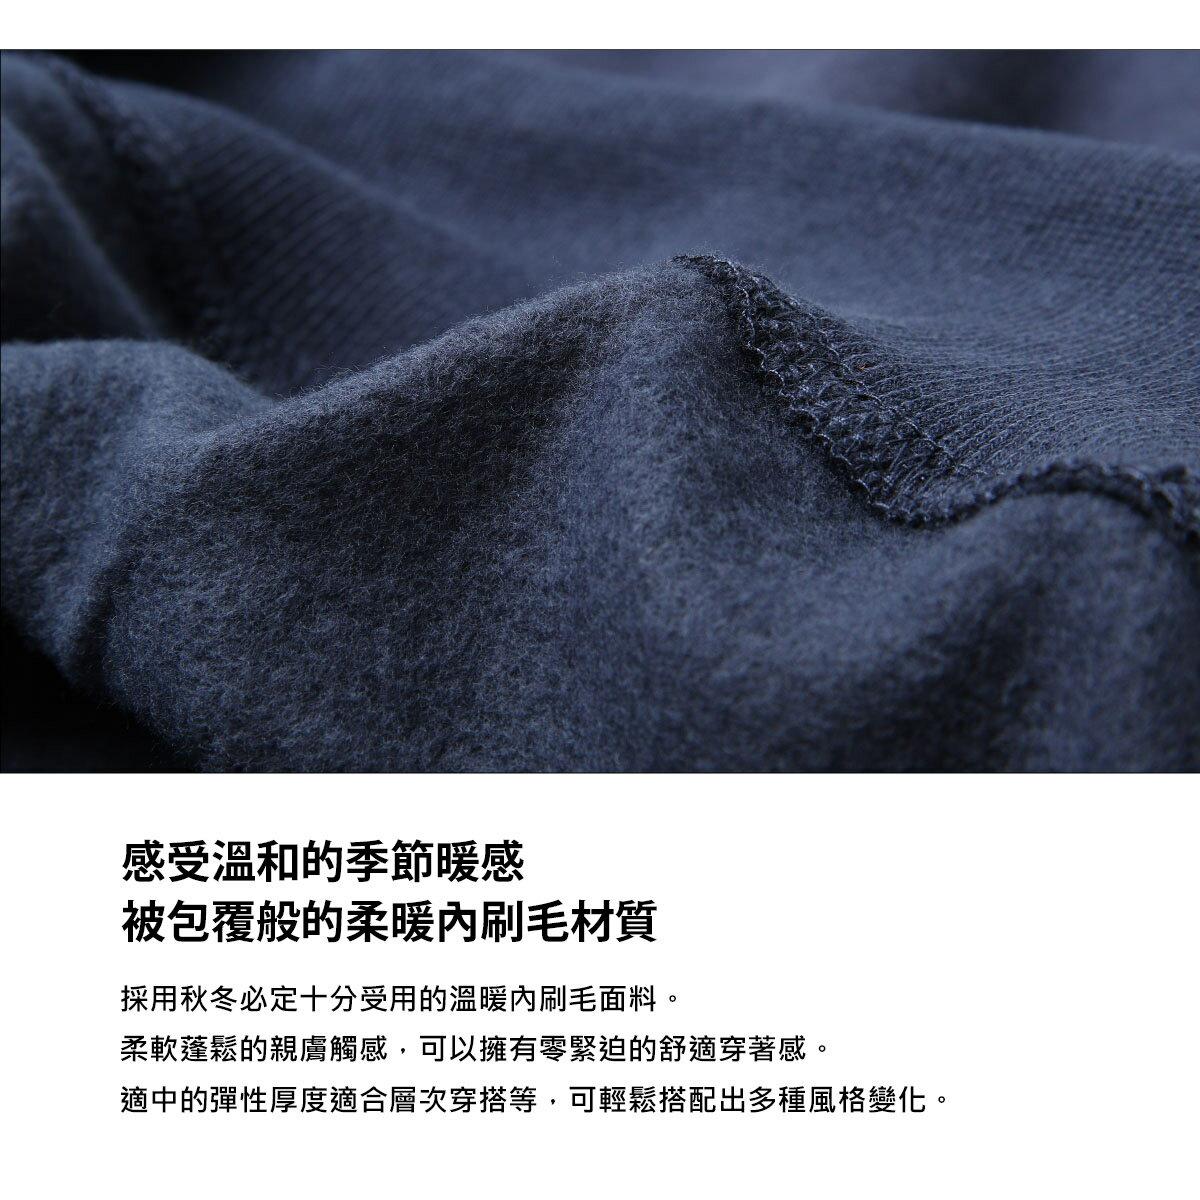 【ZIP】背後印刷刷毛運動衫 照片印刷 玫瑰 6